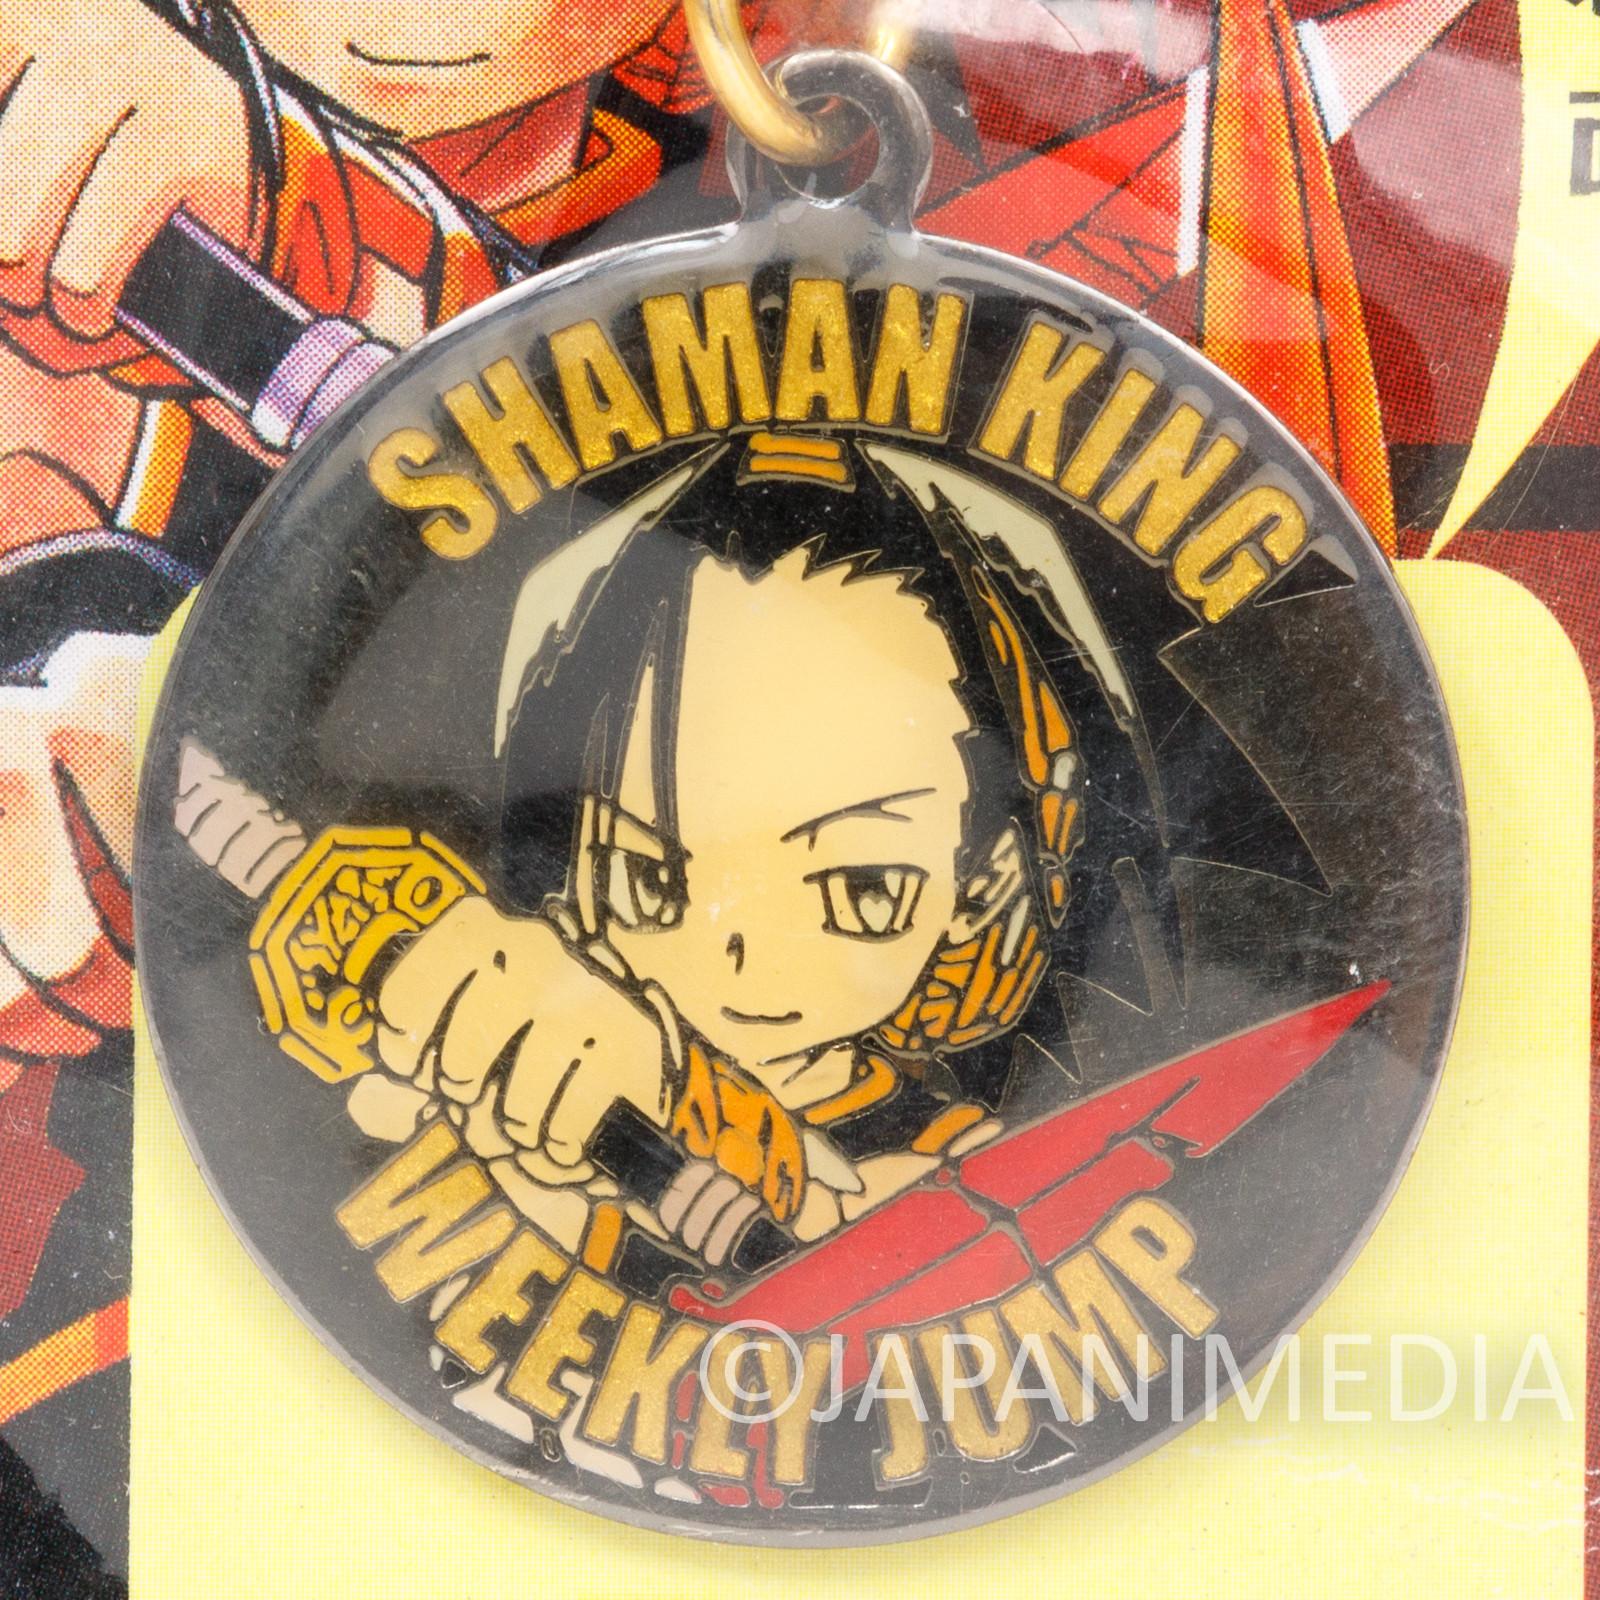 Shaman King Yoh Asakura Metal Charm Strap Shonen Jump JAPAN ANIME MANGA